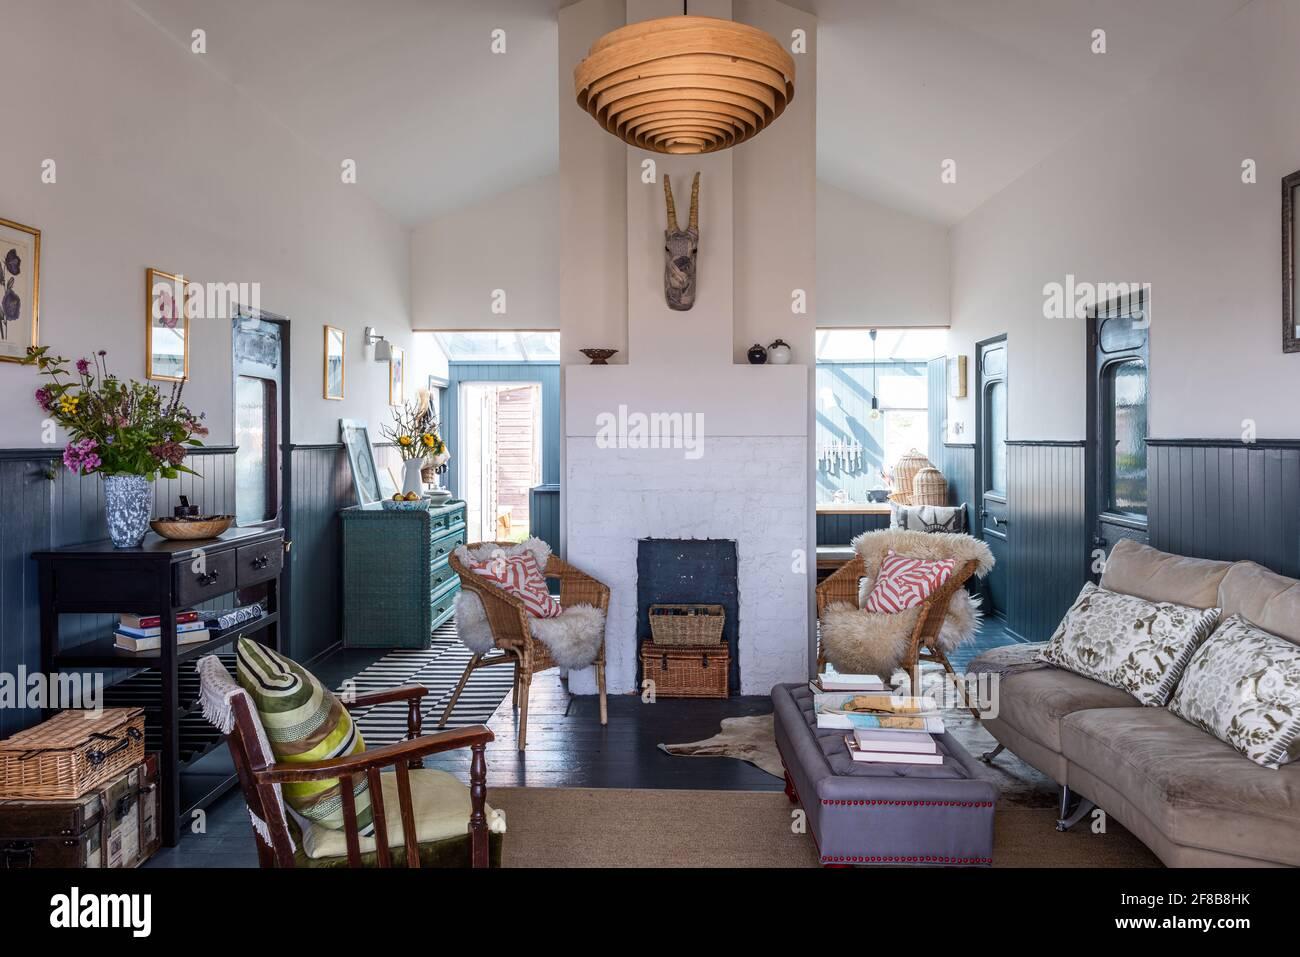 Coussins de la Guilde des designers, chaises en osier avec jetés en peau de mouton et lampe en bois spiralé de la Guilde des designers dans la maison de vacances rénovée de West Sussex. Banque D'Images